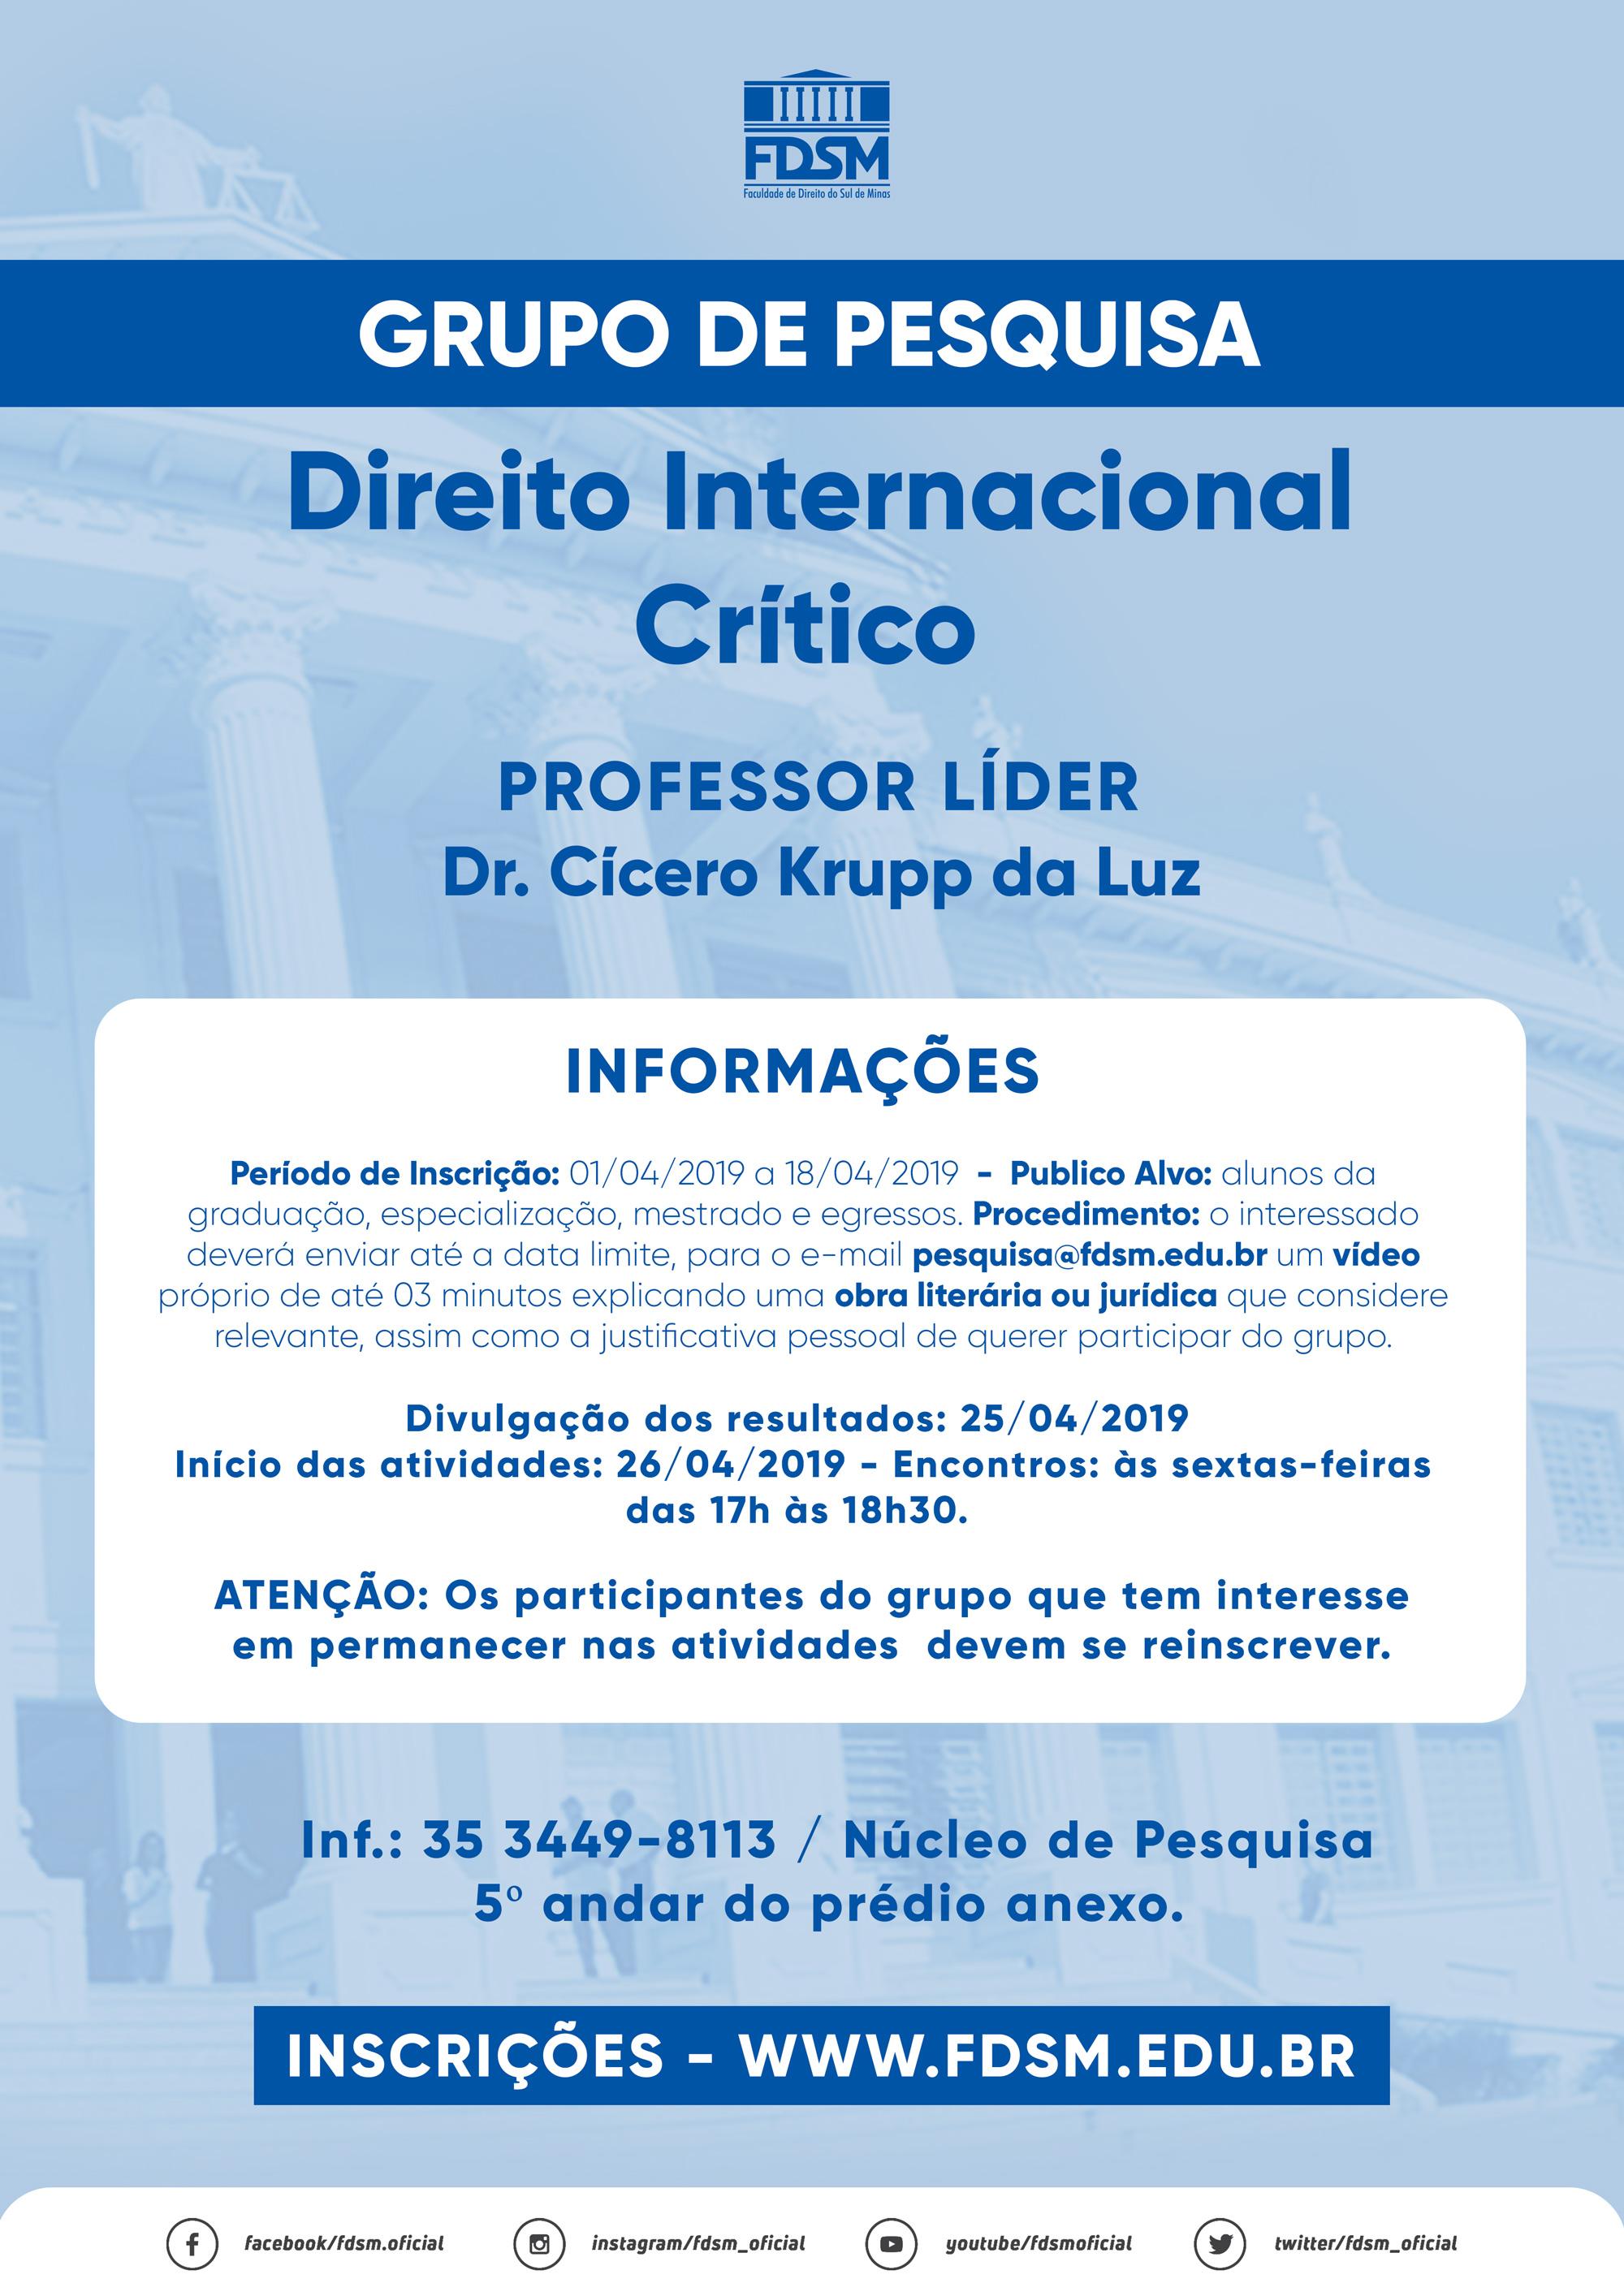 Grupo de Pesquisa: Direito Internacional Crítico;